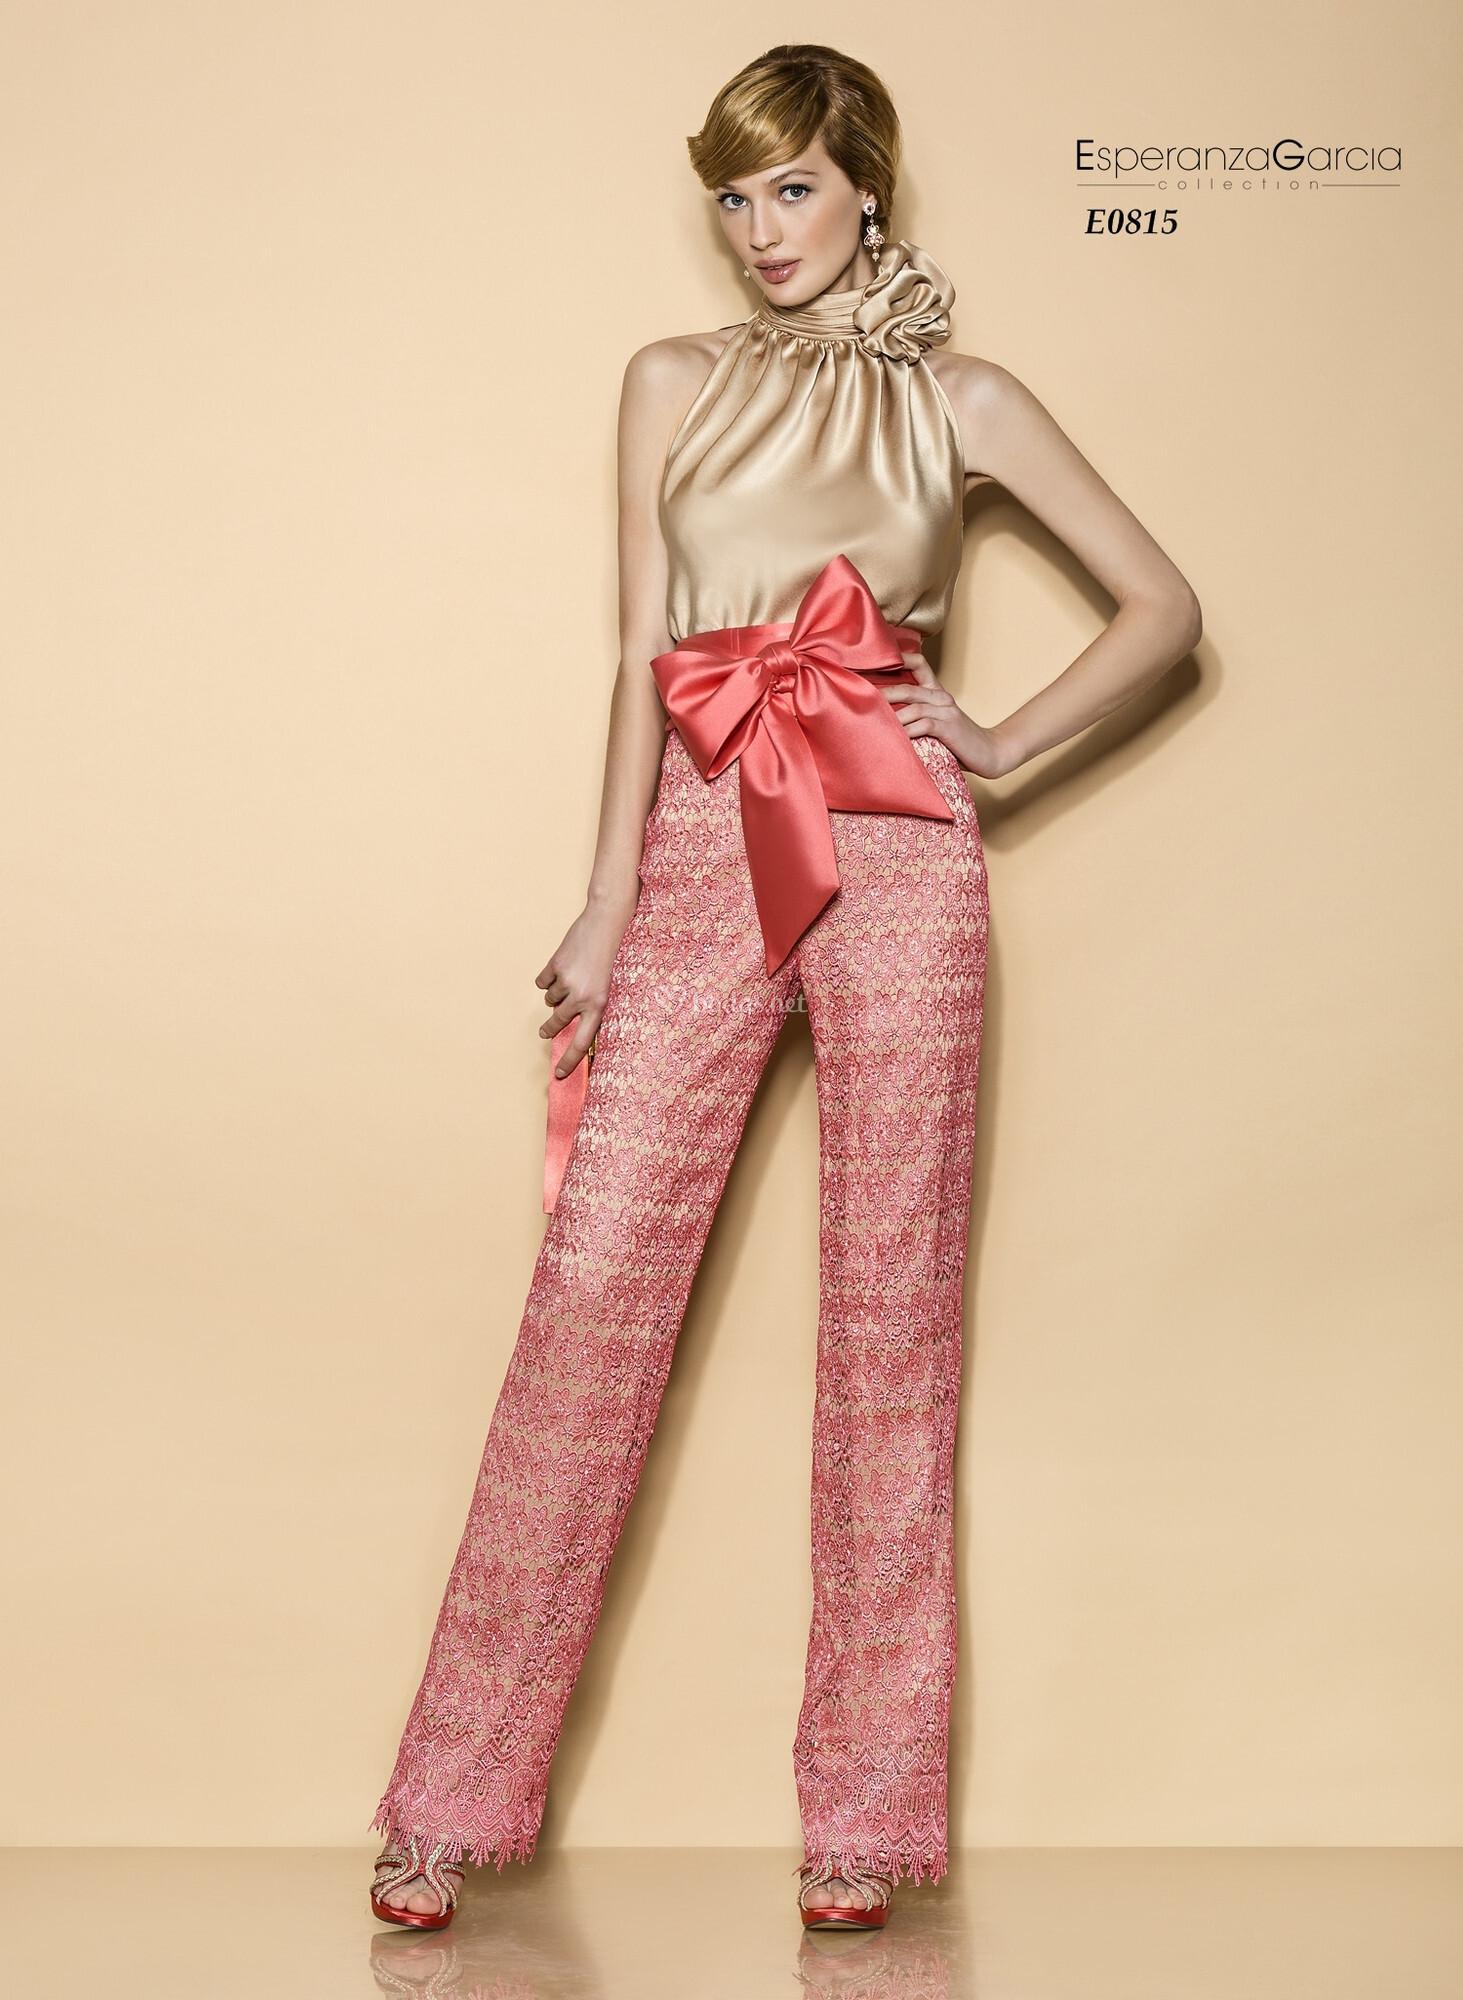 Madrinas con pantalones, sí o no? - Página 2 - Moda nupcial - Foro ...